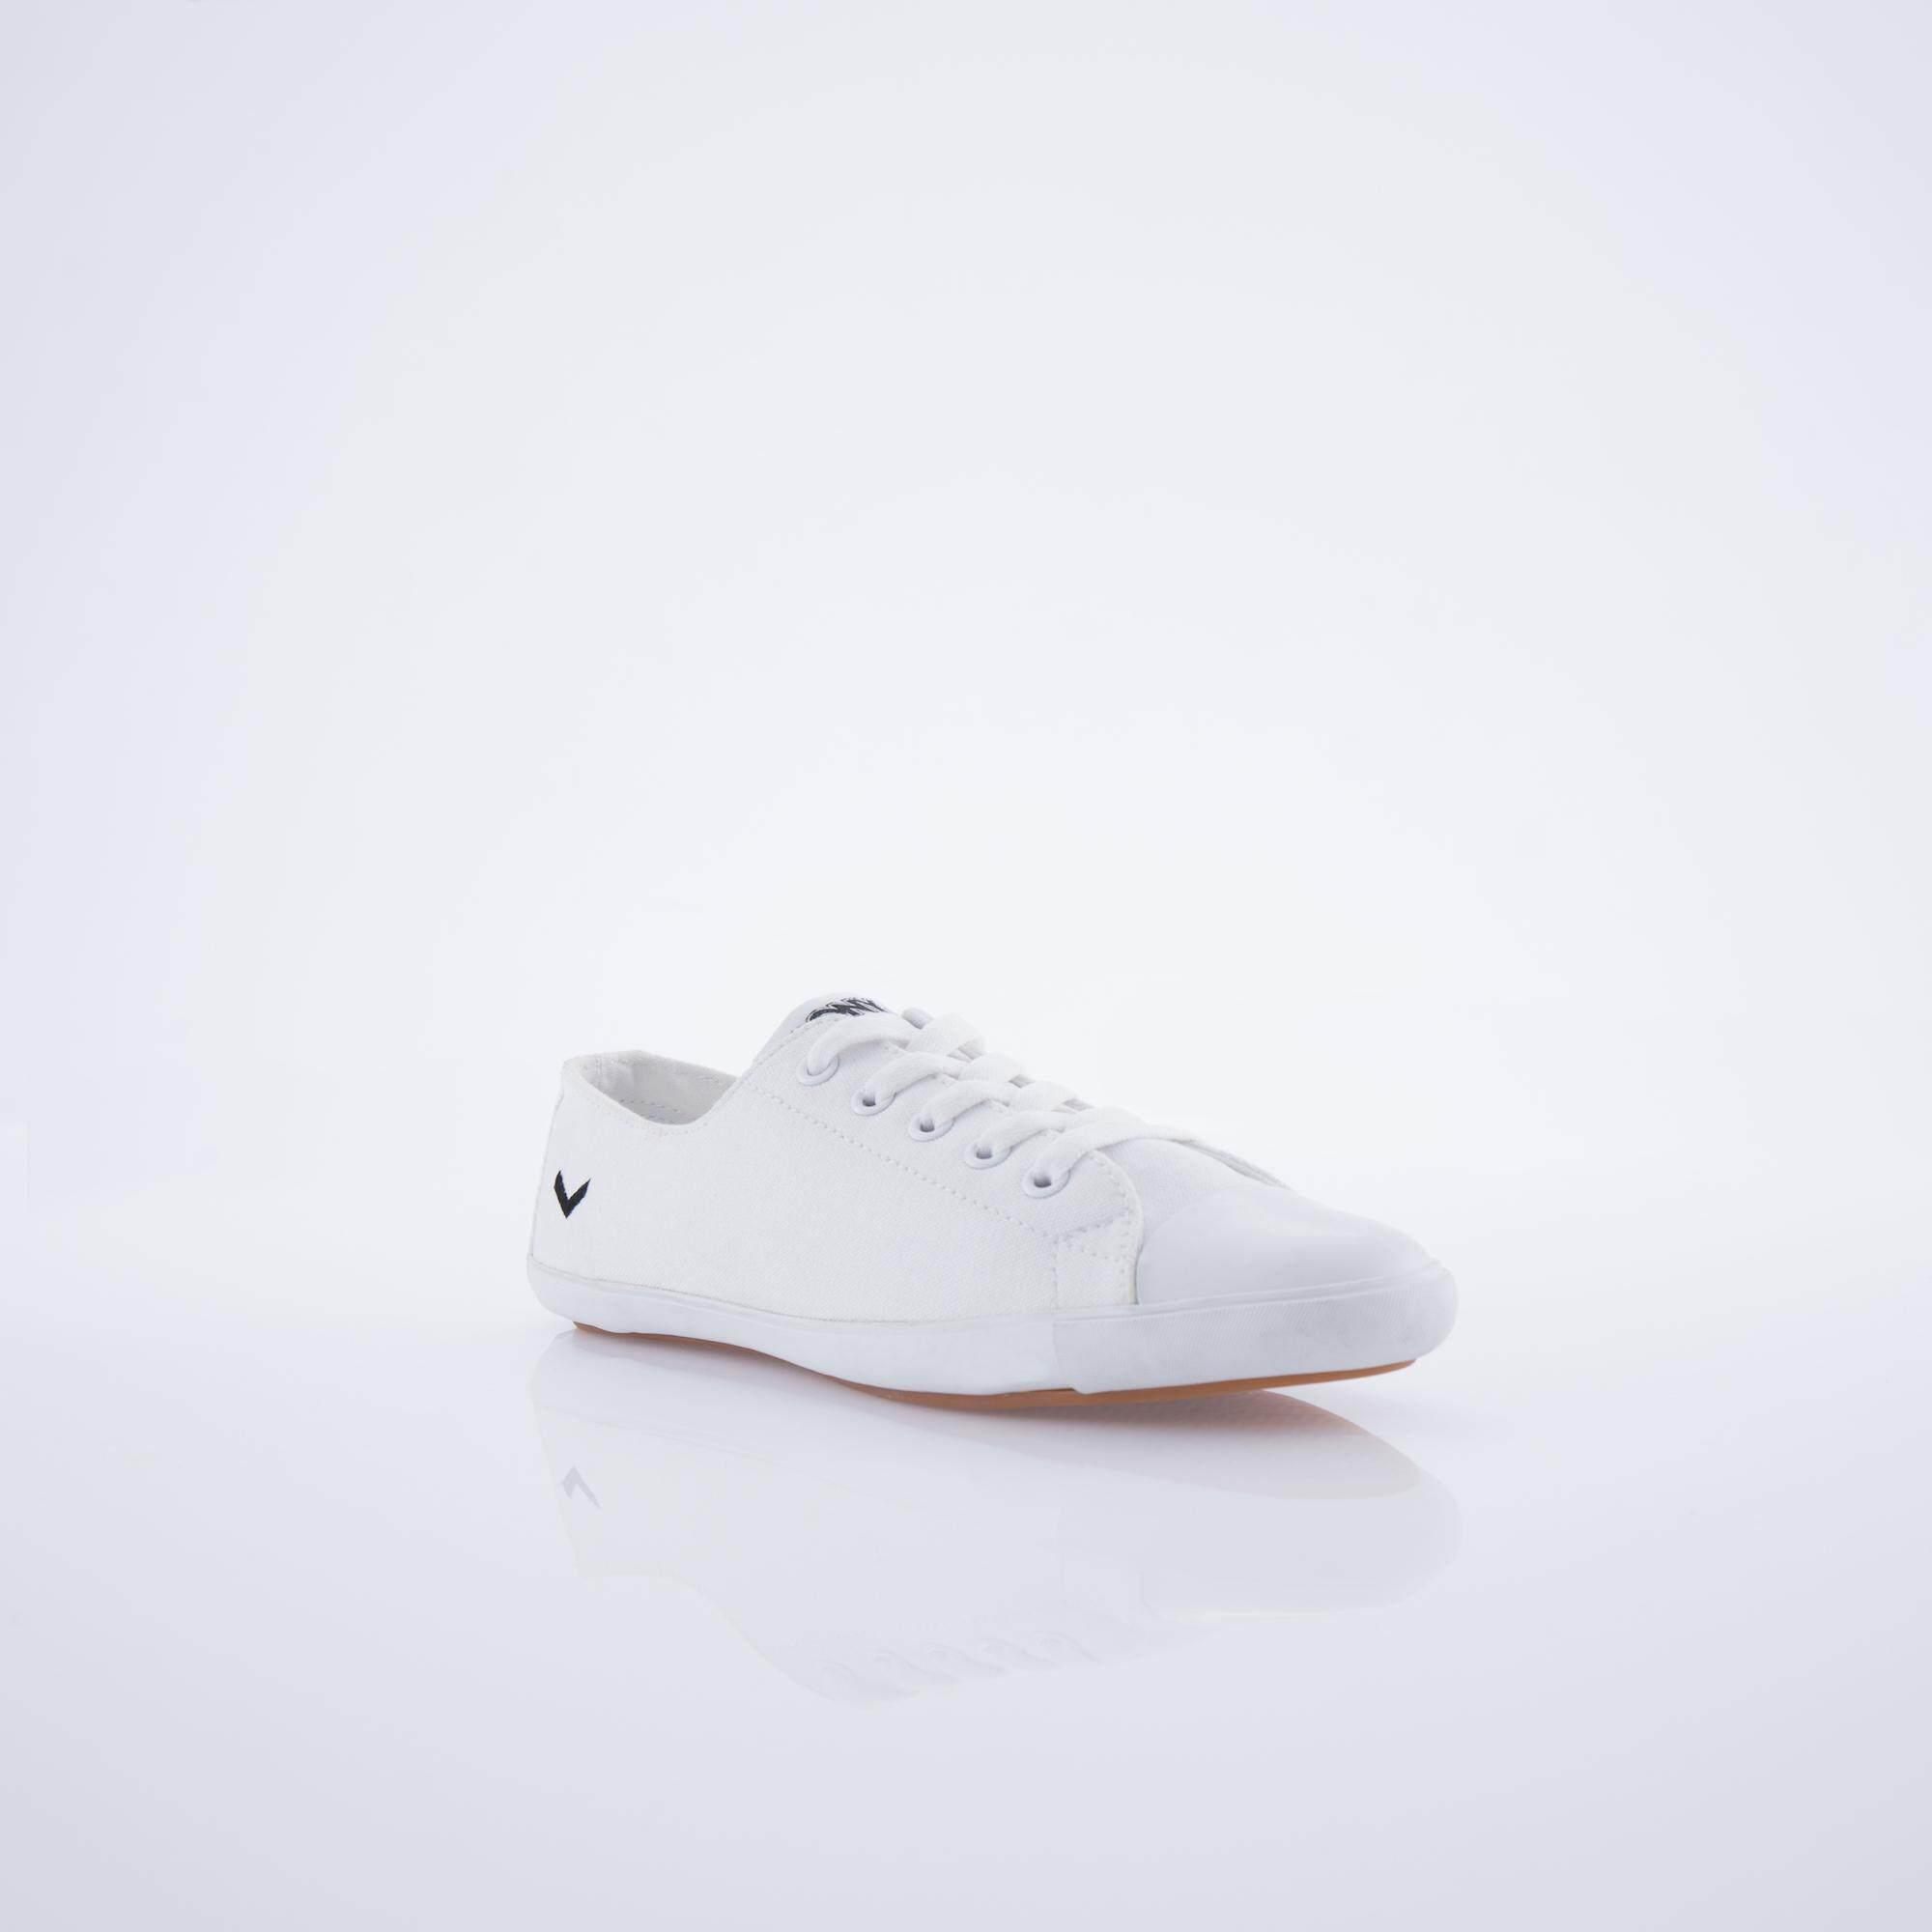 PONY รองเท้าผ้าใบ รุ่น LIGHT